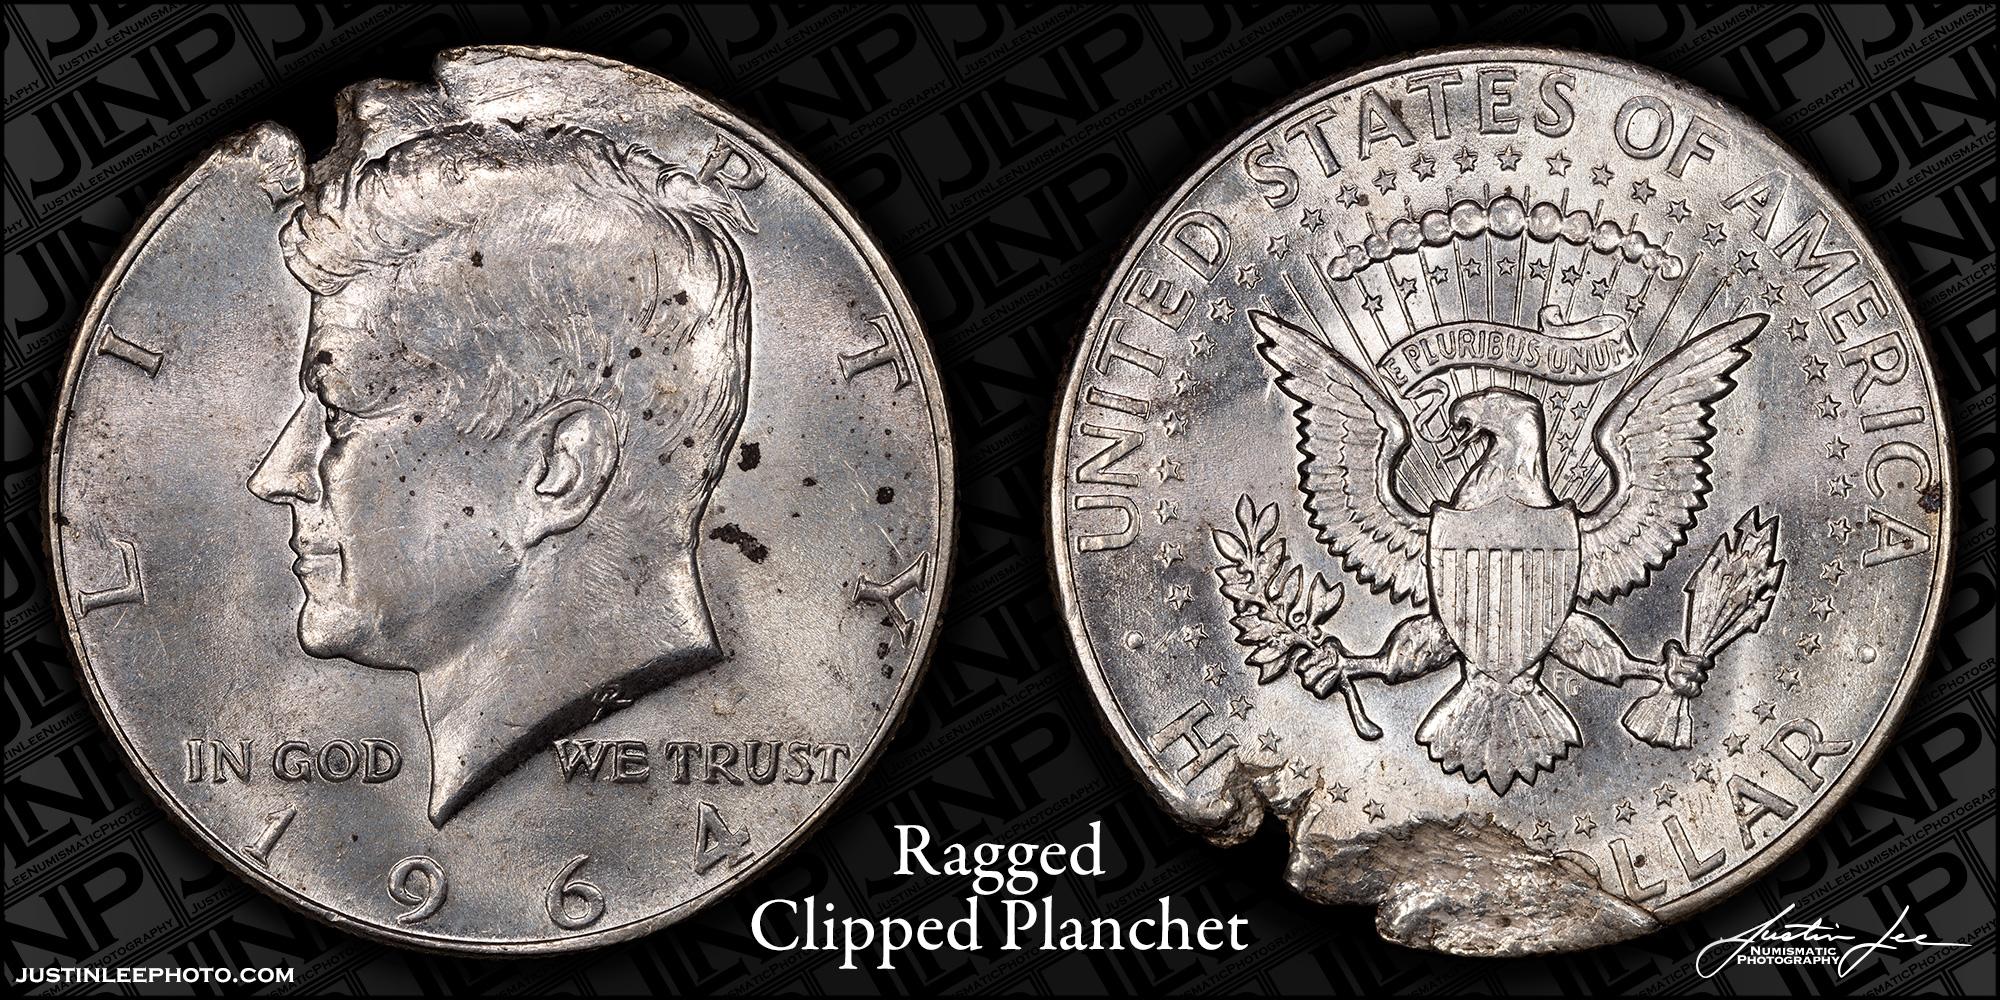 1964 Kennedy Half Dollar Ragged Clipped Planchet Raw